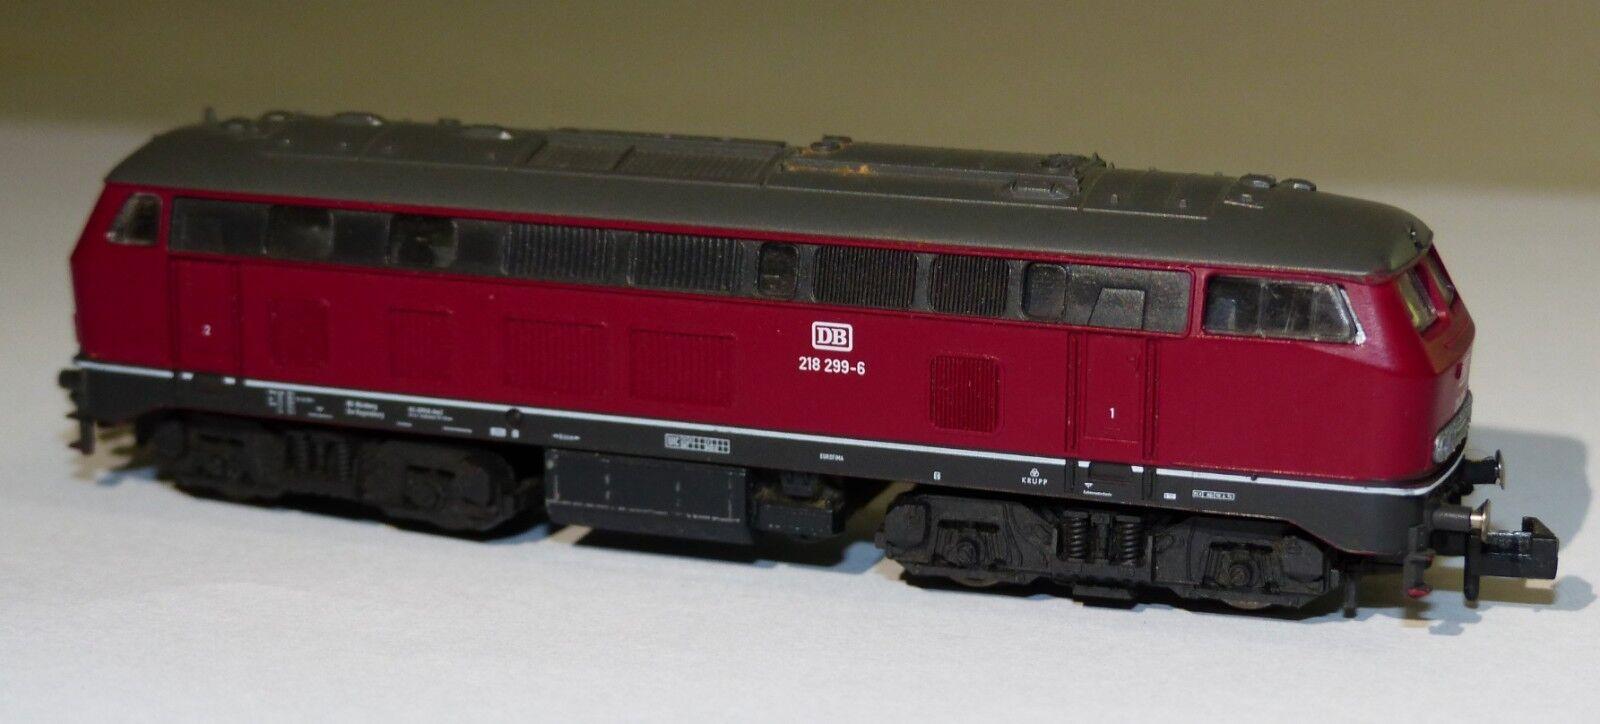 Fleischmann diesellok br 218 299-6 DB pista n Lok locomotora diesel